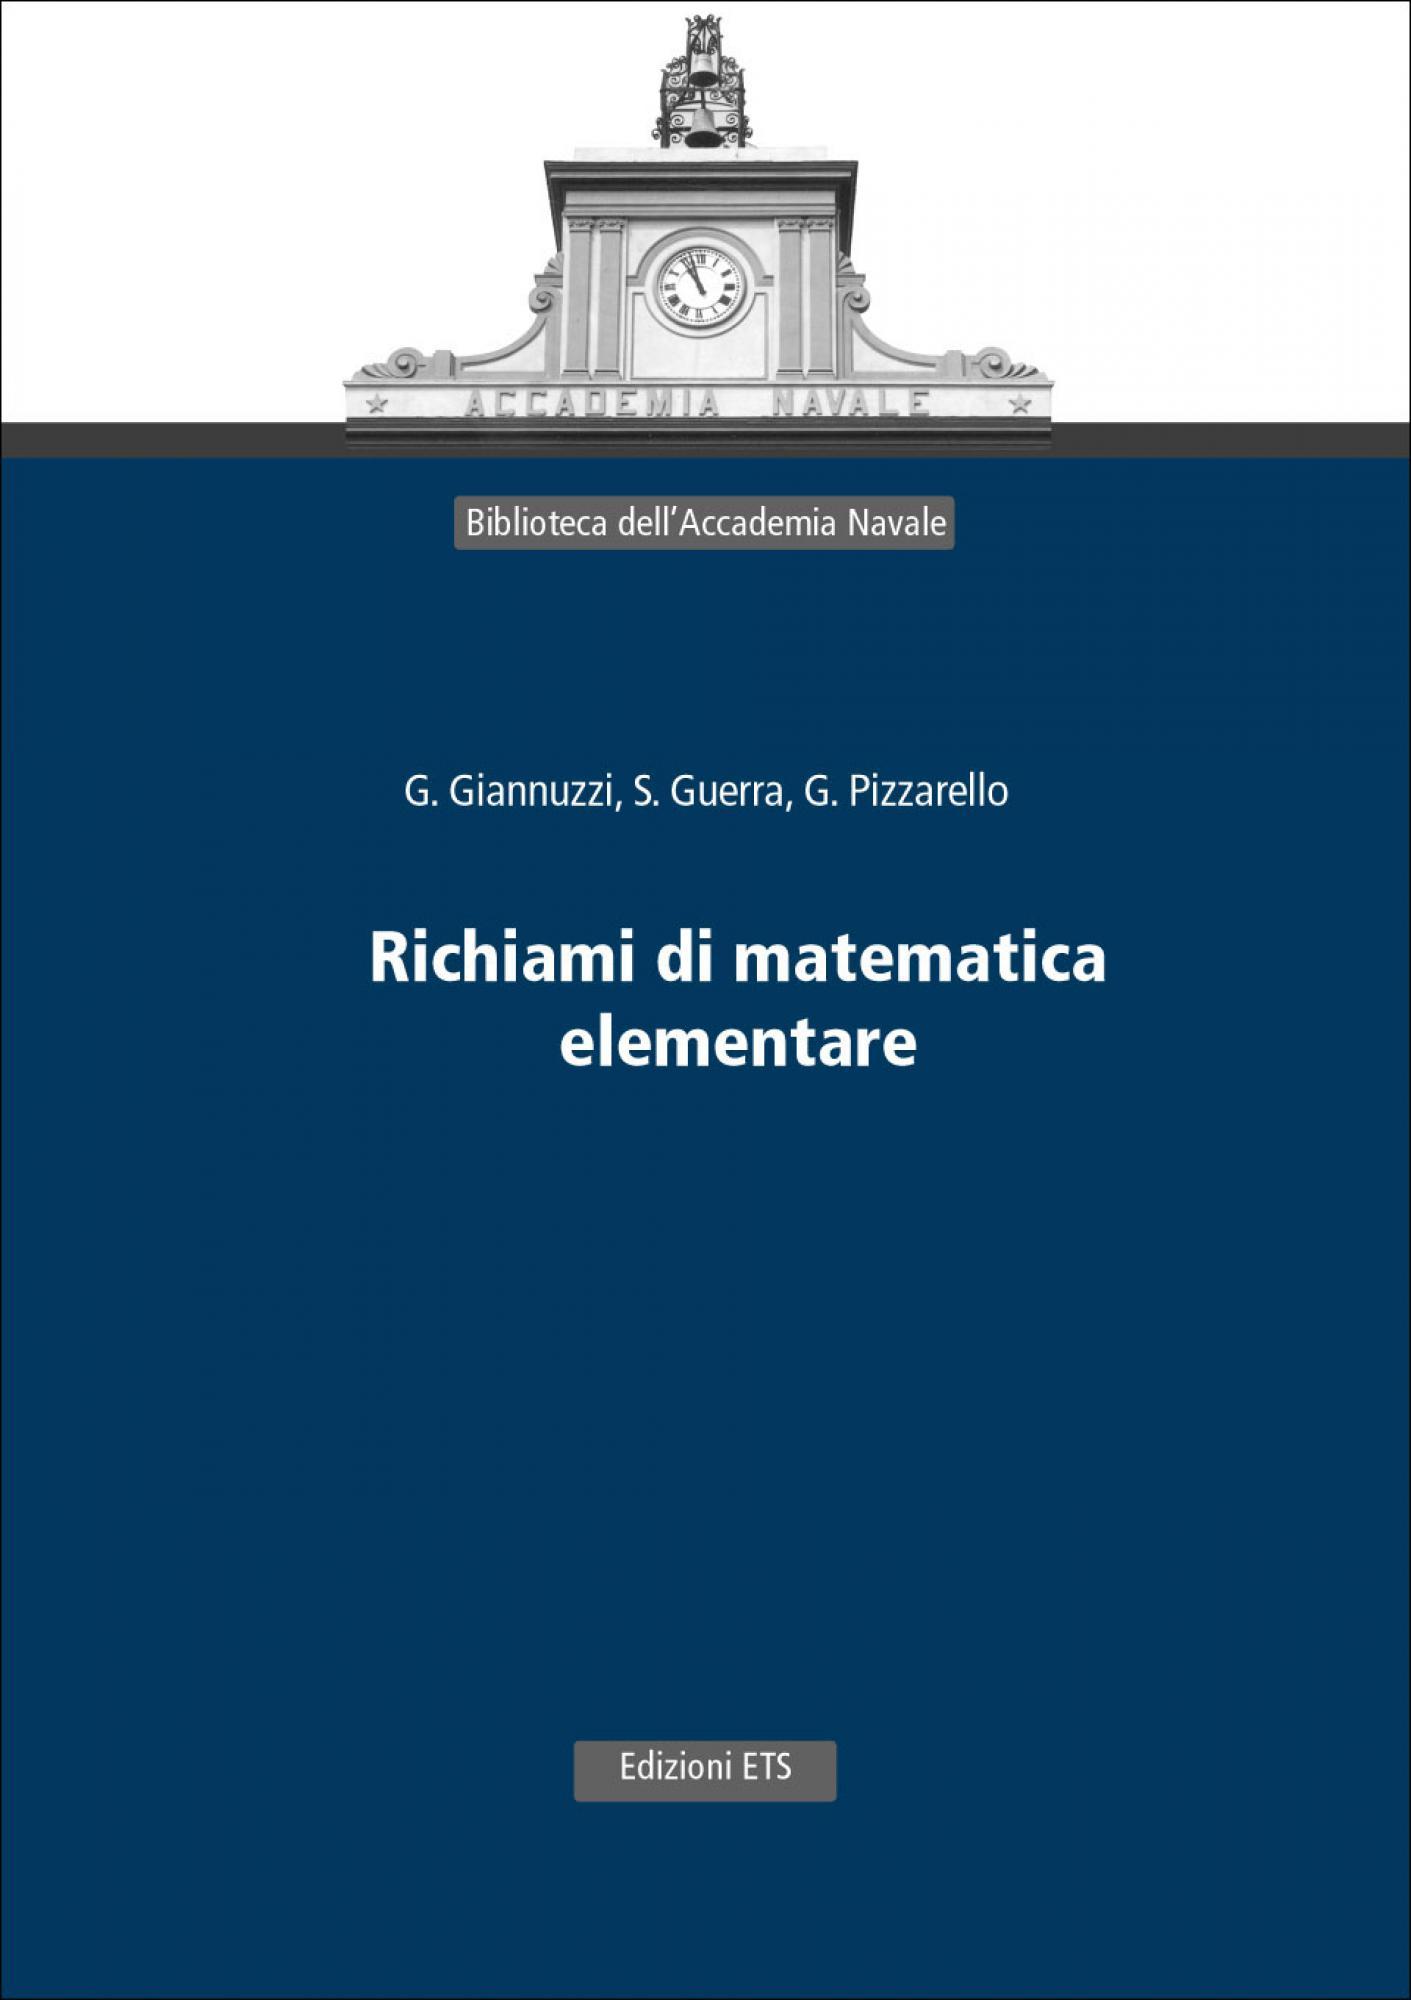 Richiami di matematica elementare